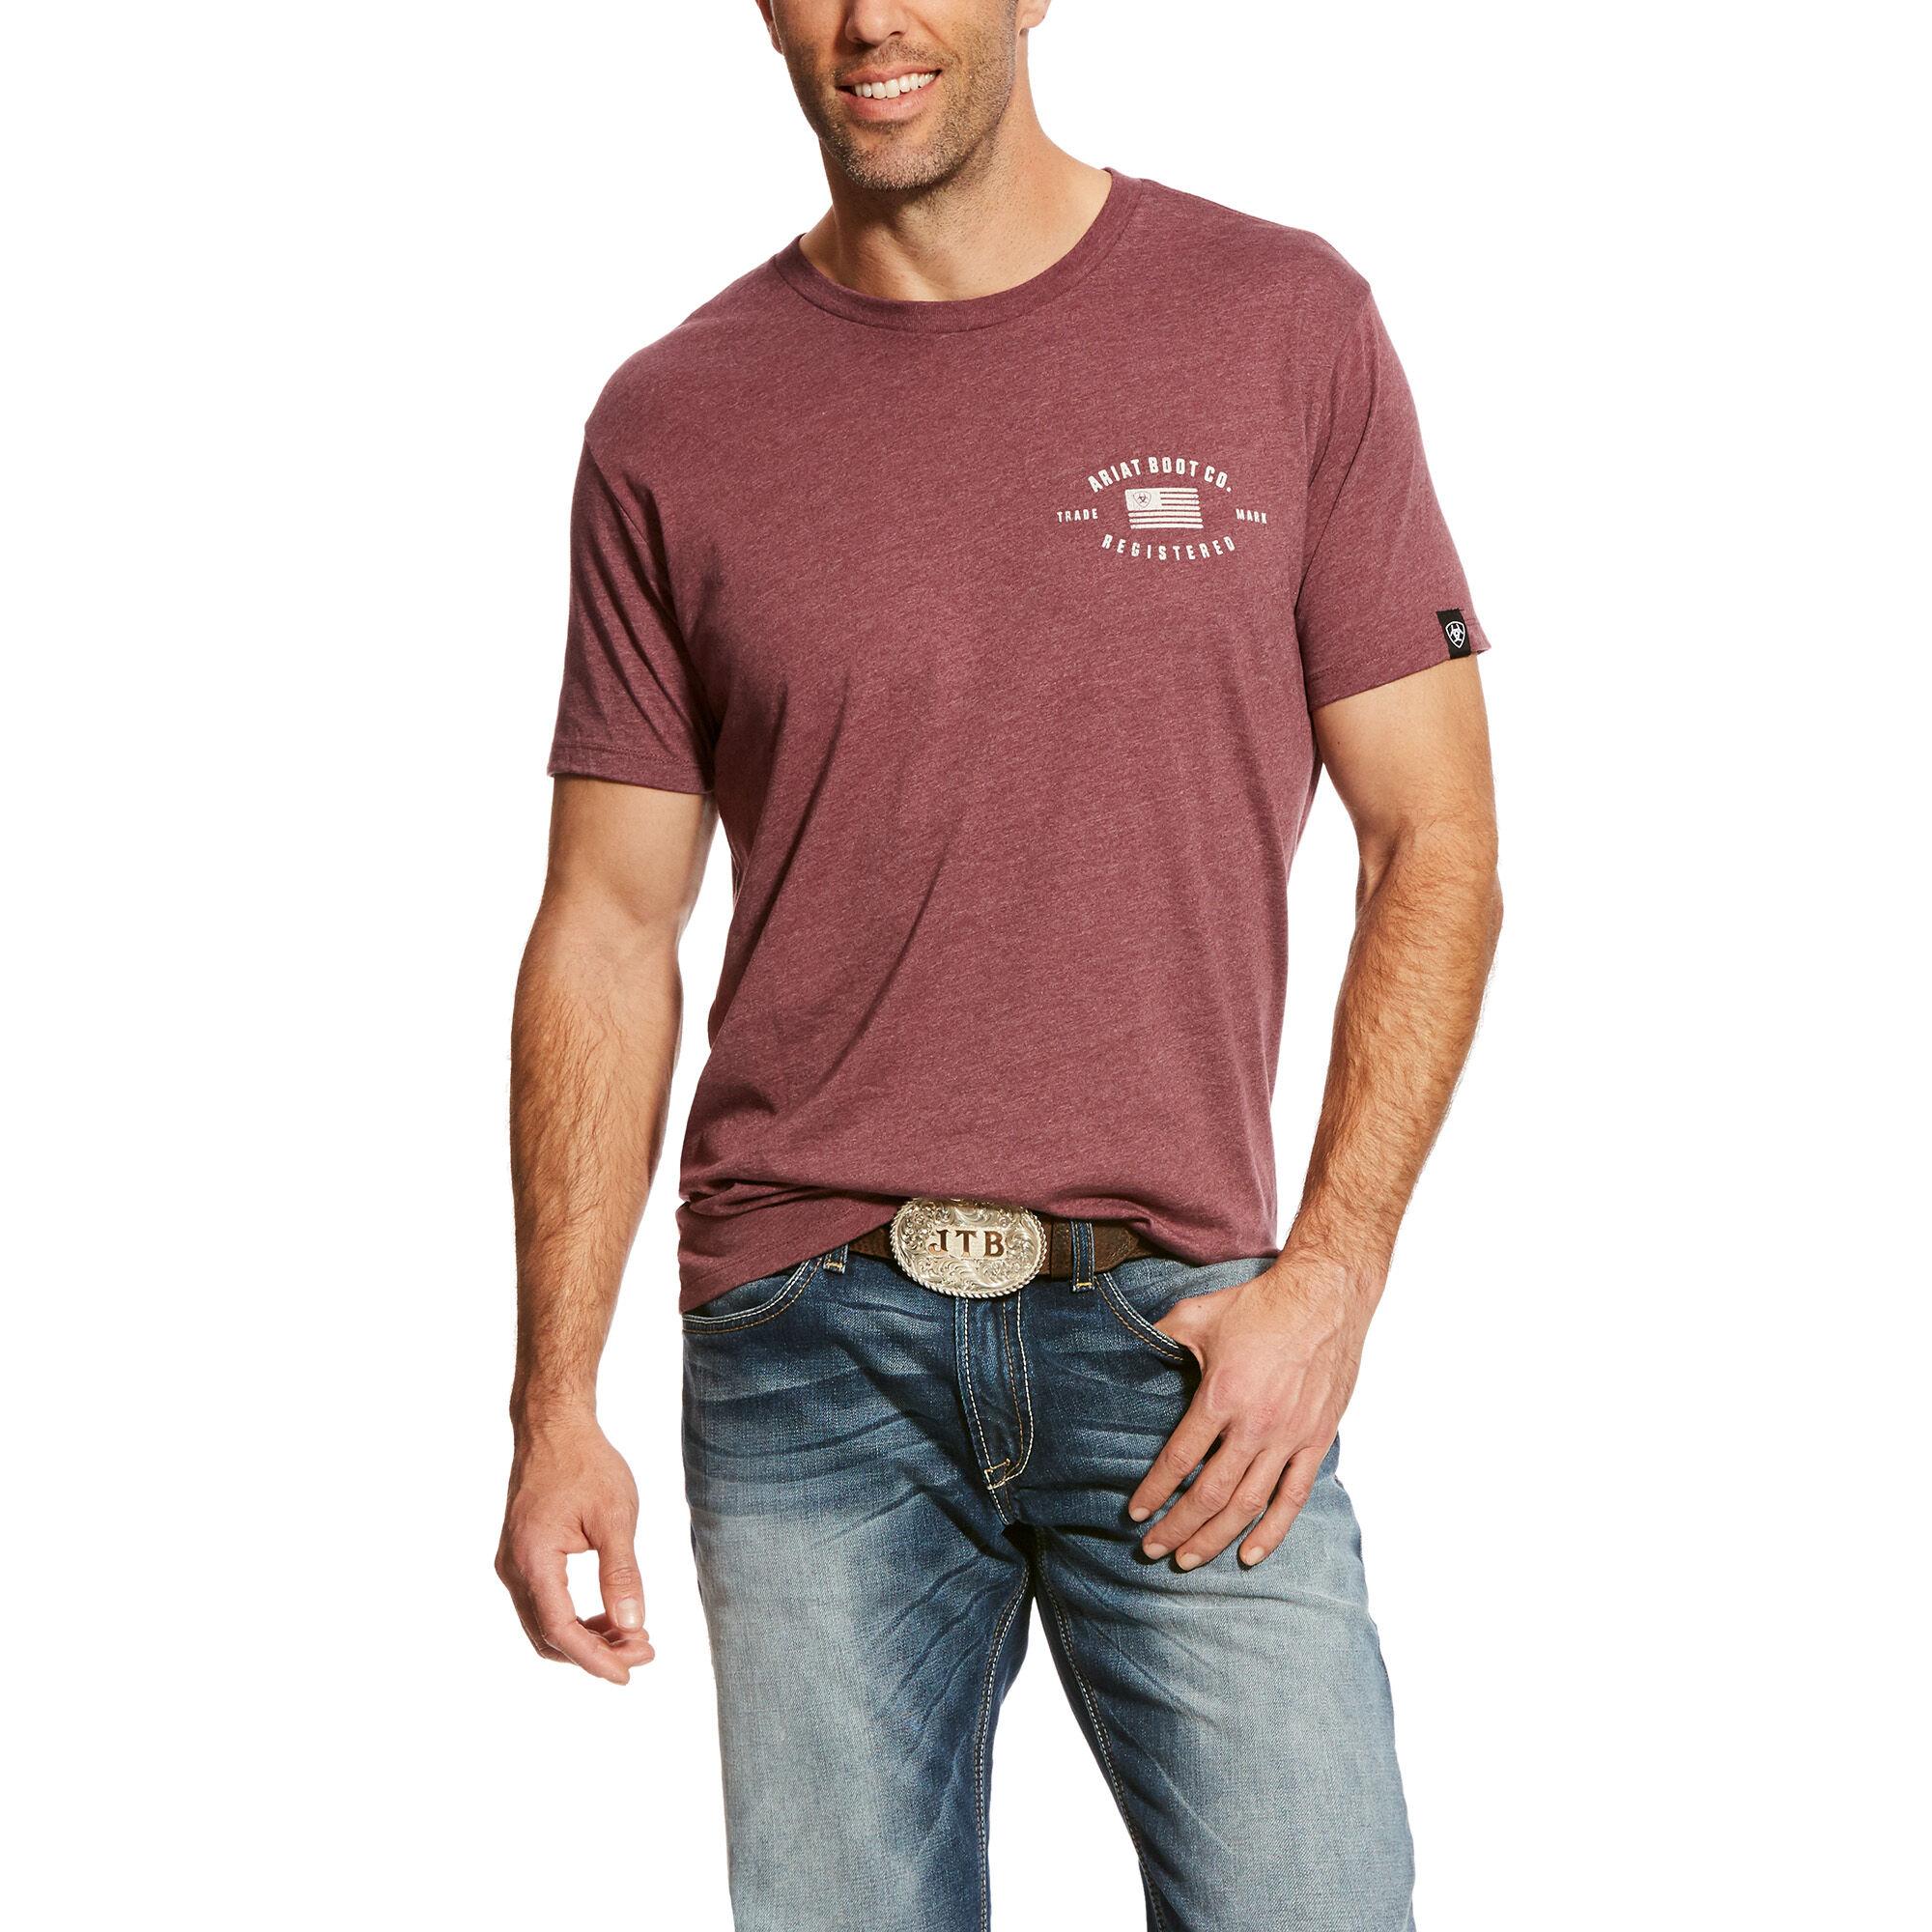 5432853eba US Registered T-Shirt